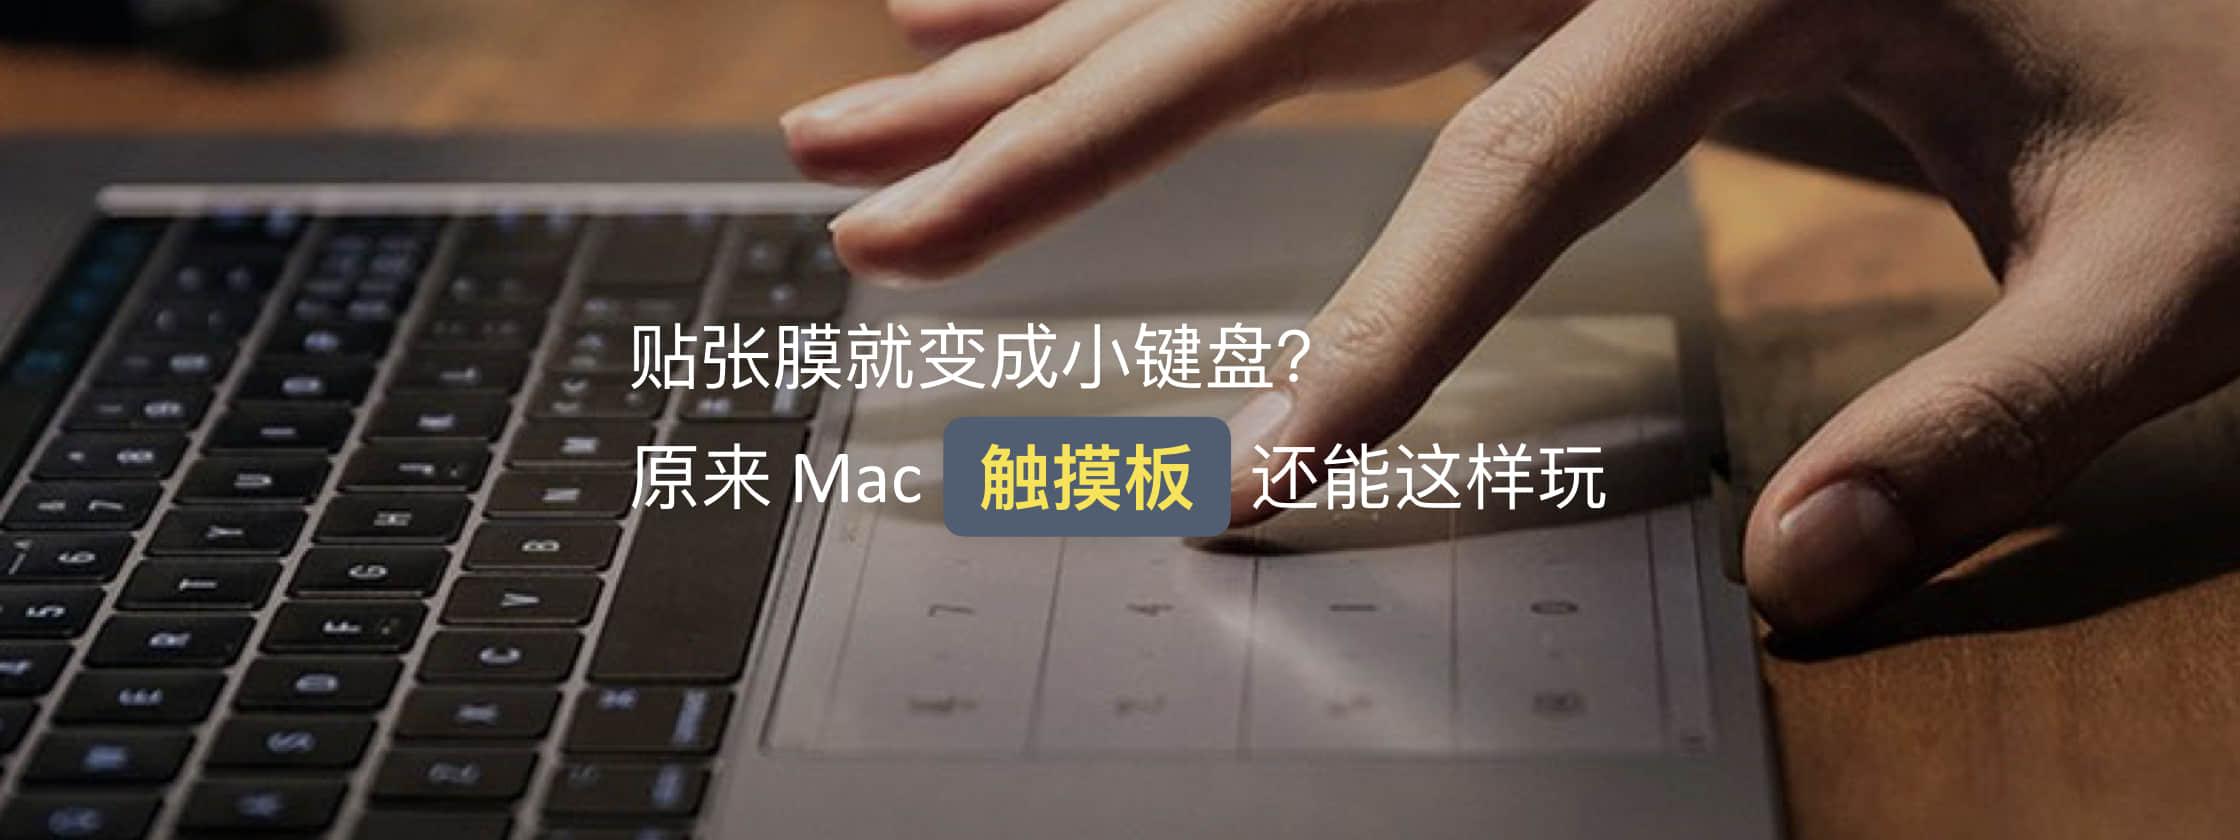 贴张膜就变成小键盘?Mac 触摸板还能这样玩